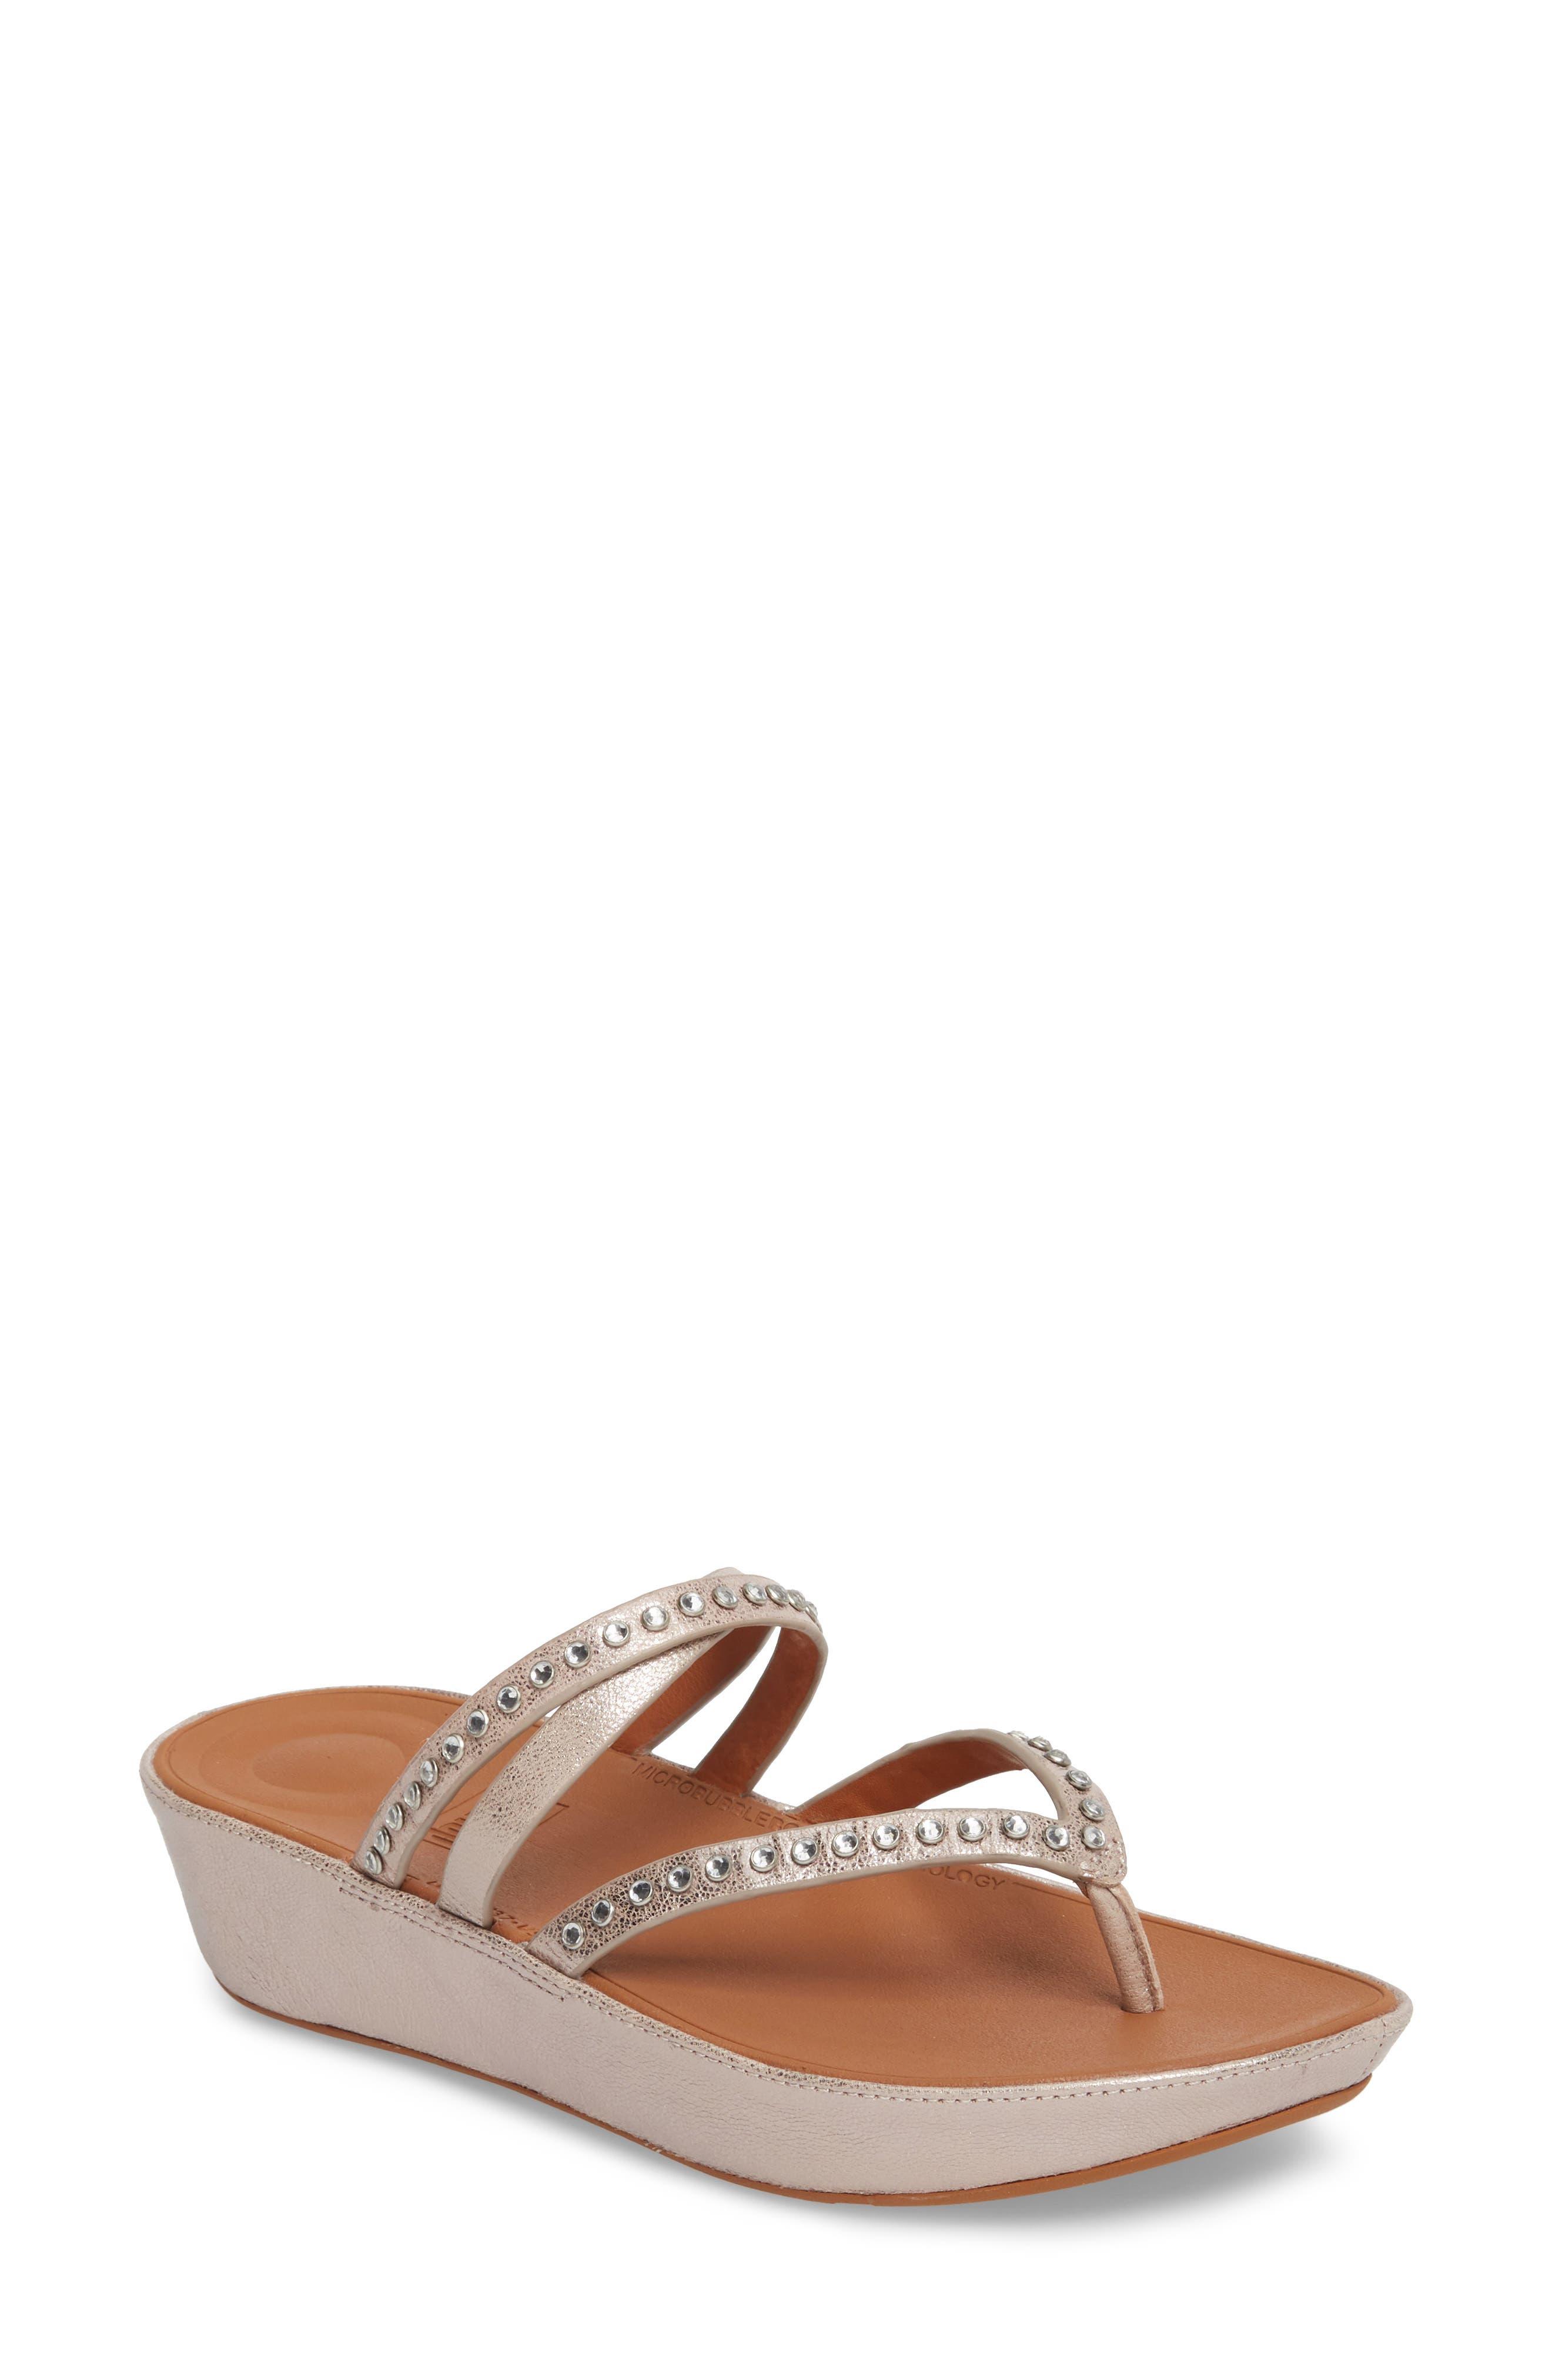 Linny Embellished Slide Sandal,                         Main,                         color, Blush/ Metallic Nude Leather